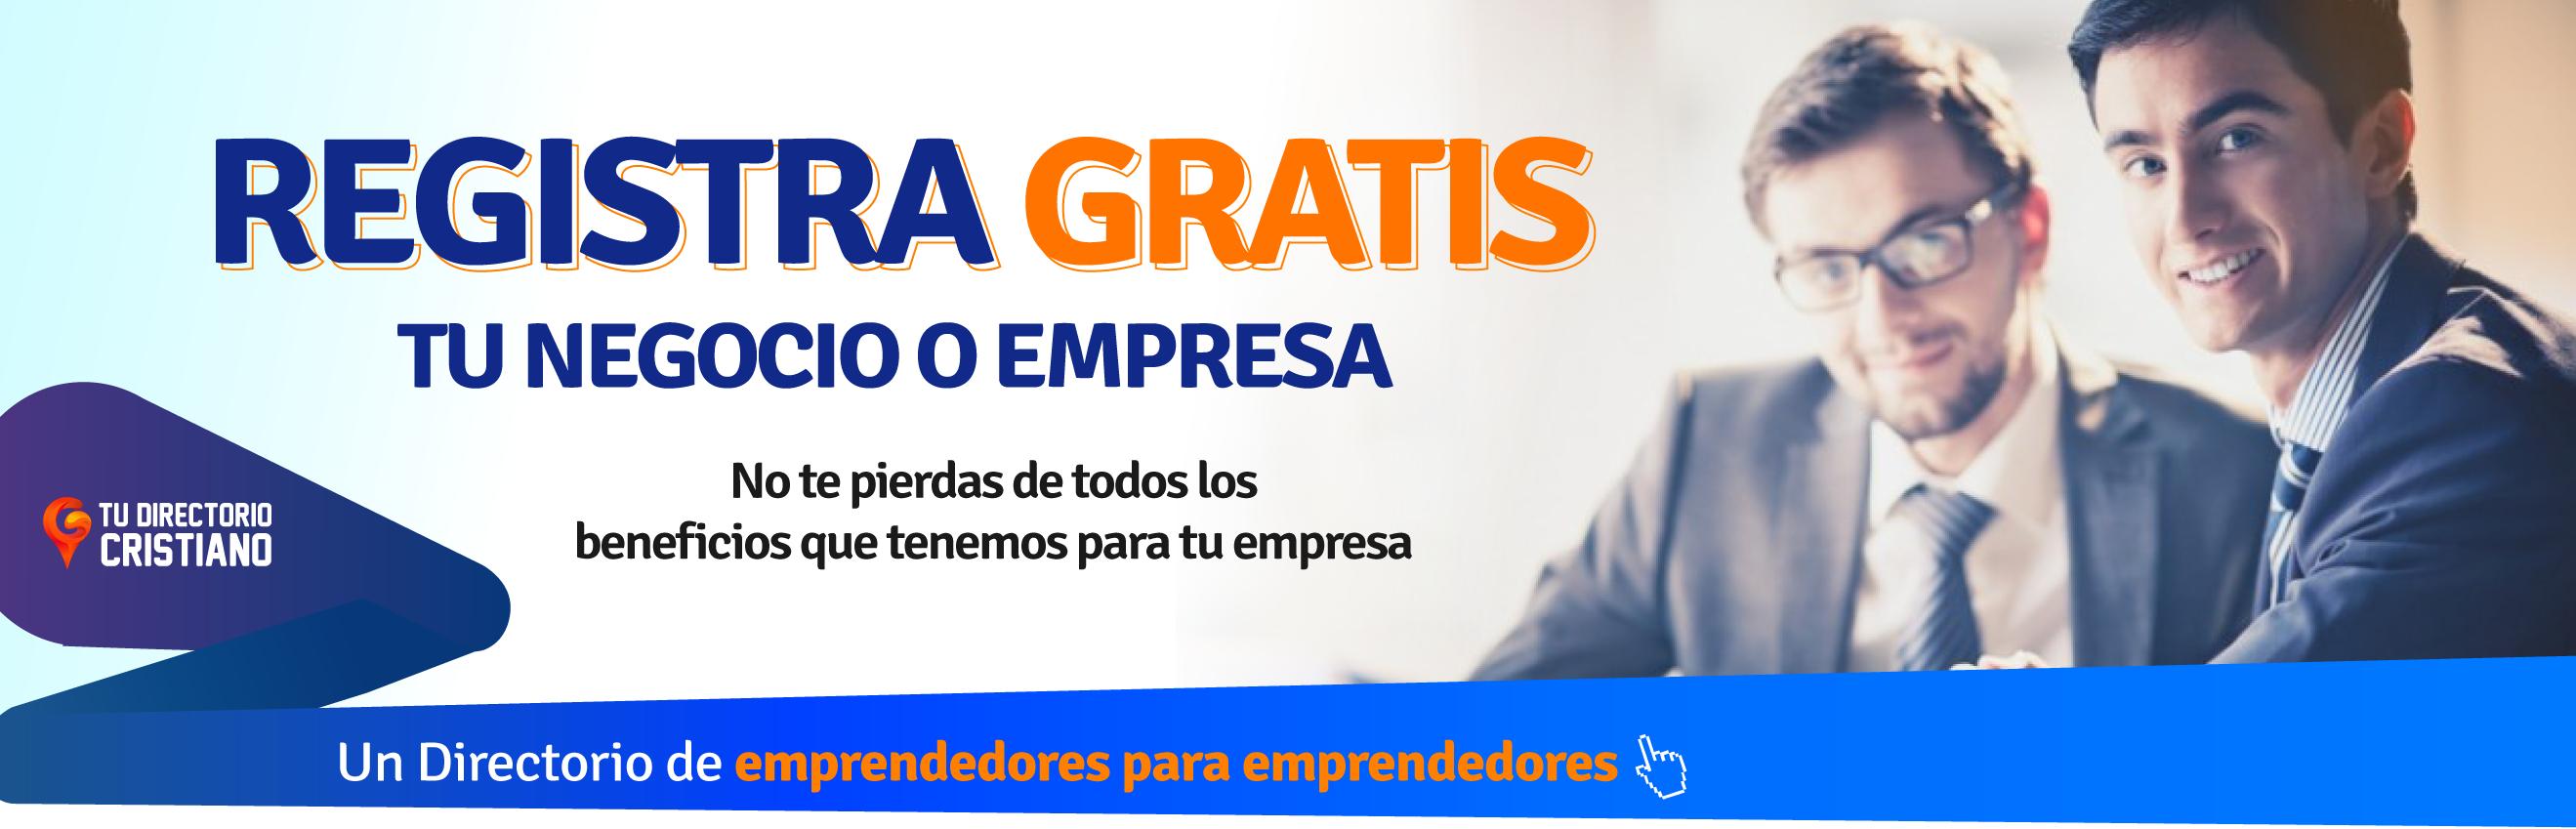 registro-gratis-oferta-negocio-empresa-emprndedor-digital-05